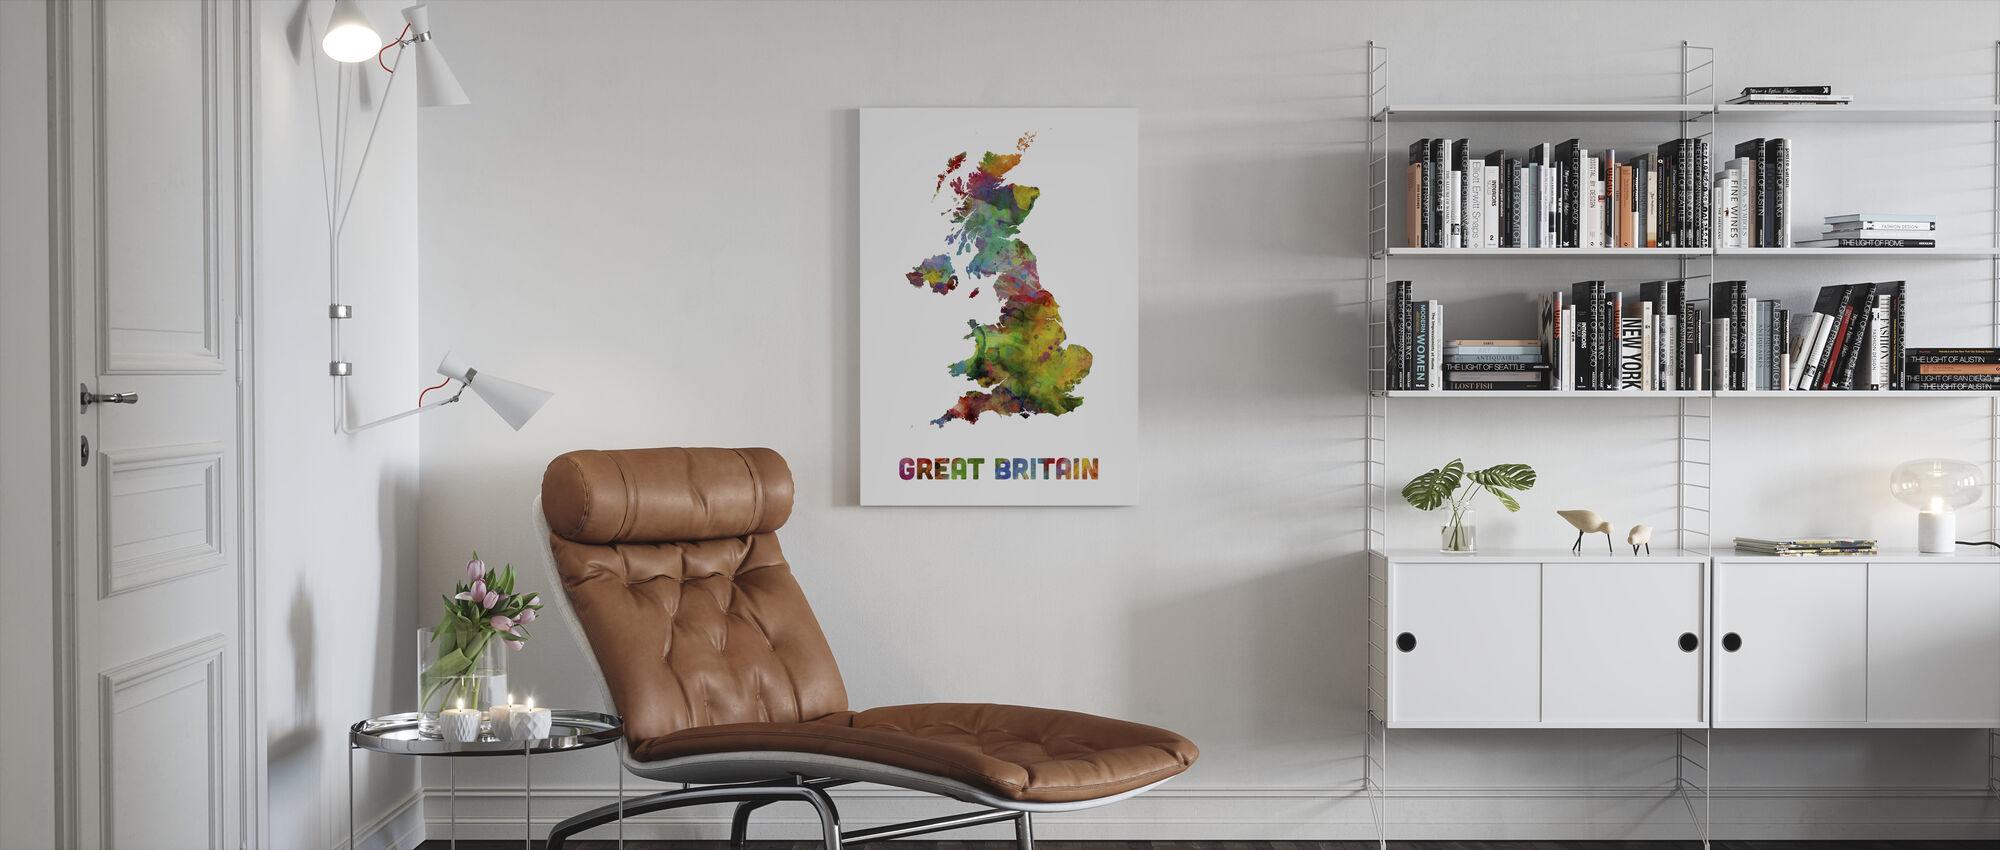 Great Britain Watercolor kaart - Canvas print - Woonkamer